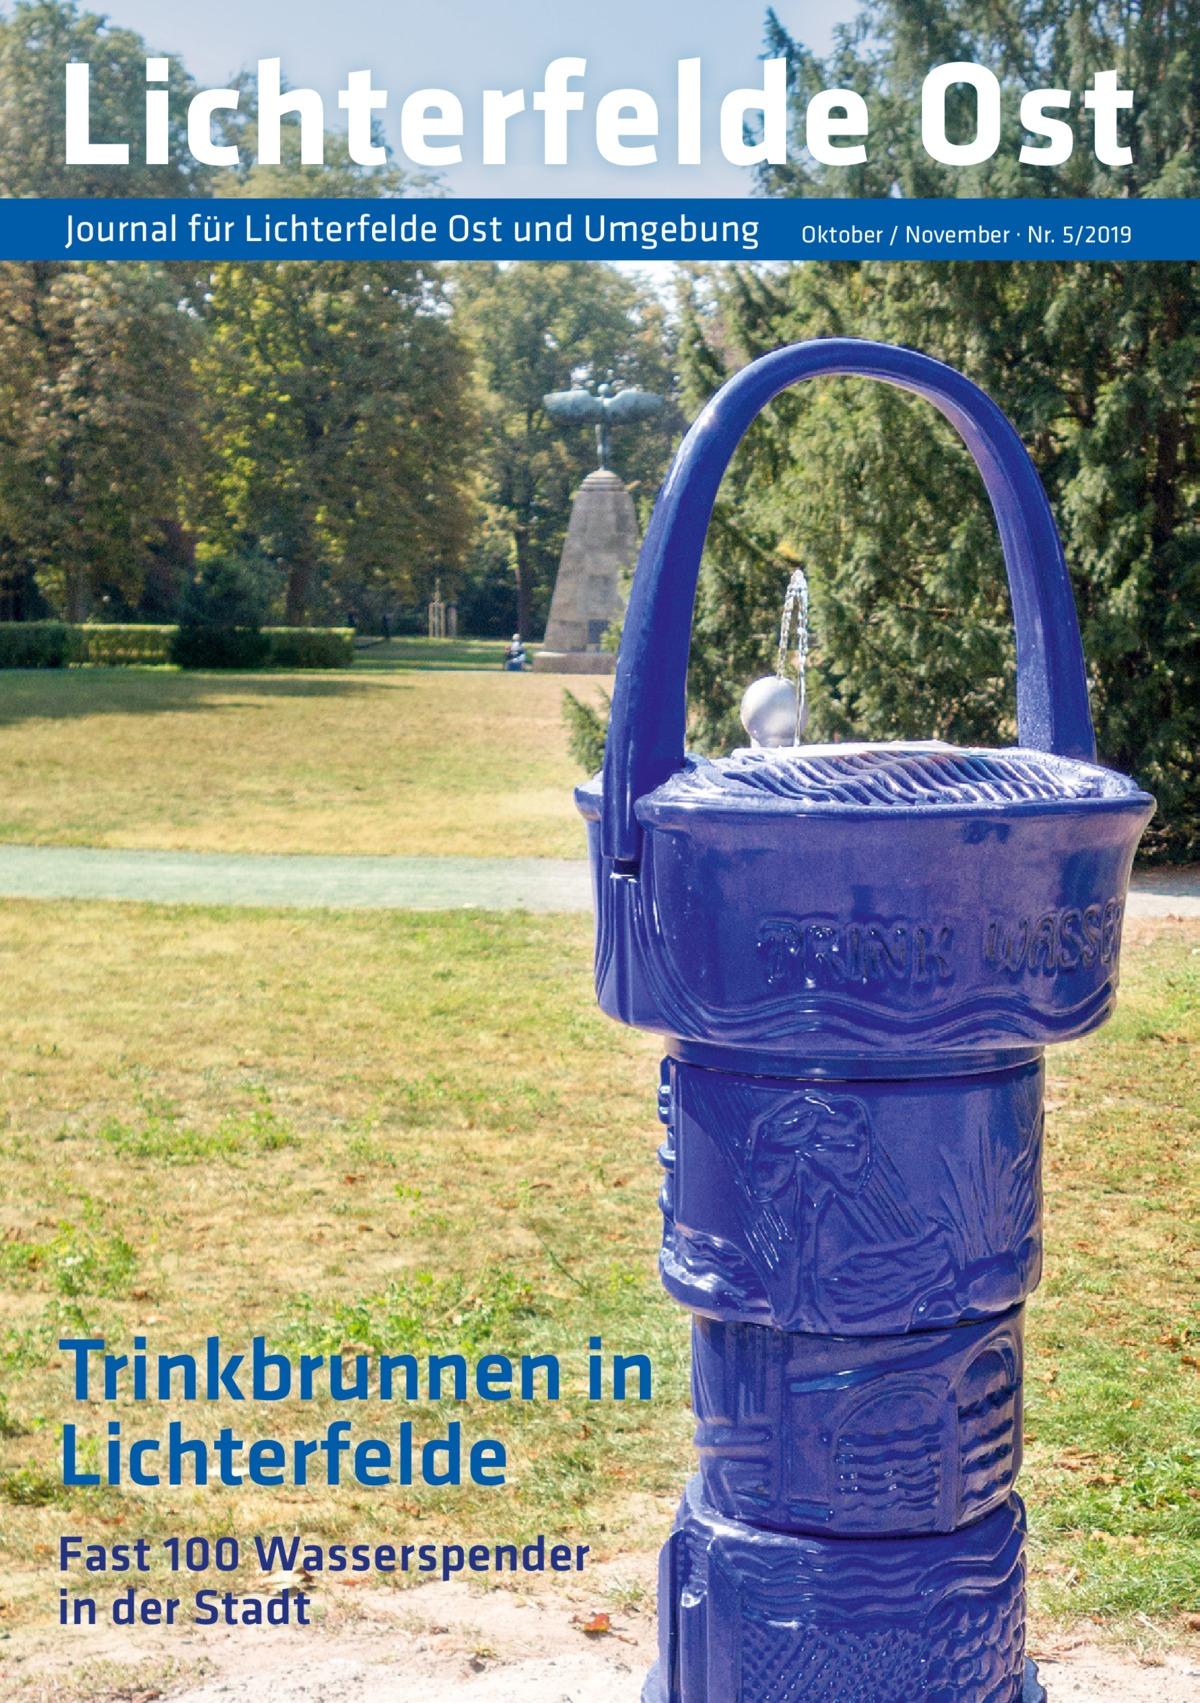 Lichterfelde Ost Journal für Lichterfelde Ost und Umgebung  Trinkbrunnen in Lichterfelde Fast 100 Wasserspender in der Stadt  Oktober / November · Nr. 5/2019